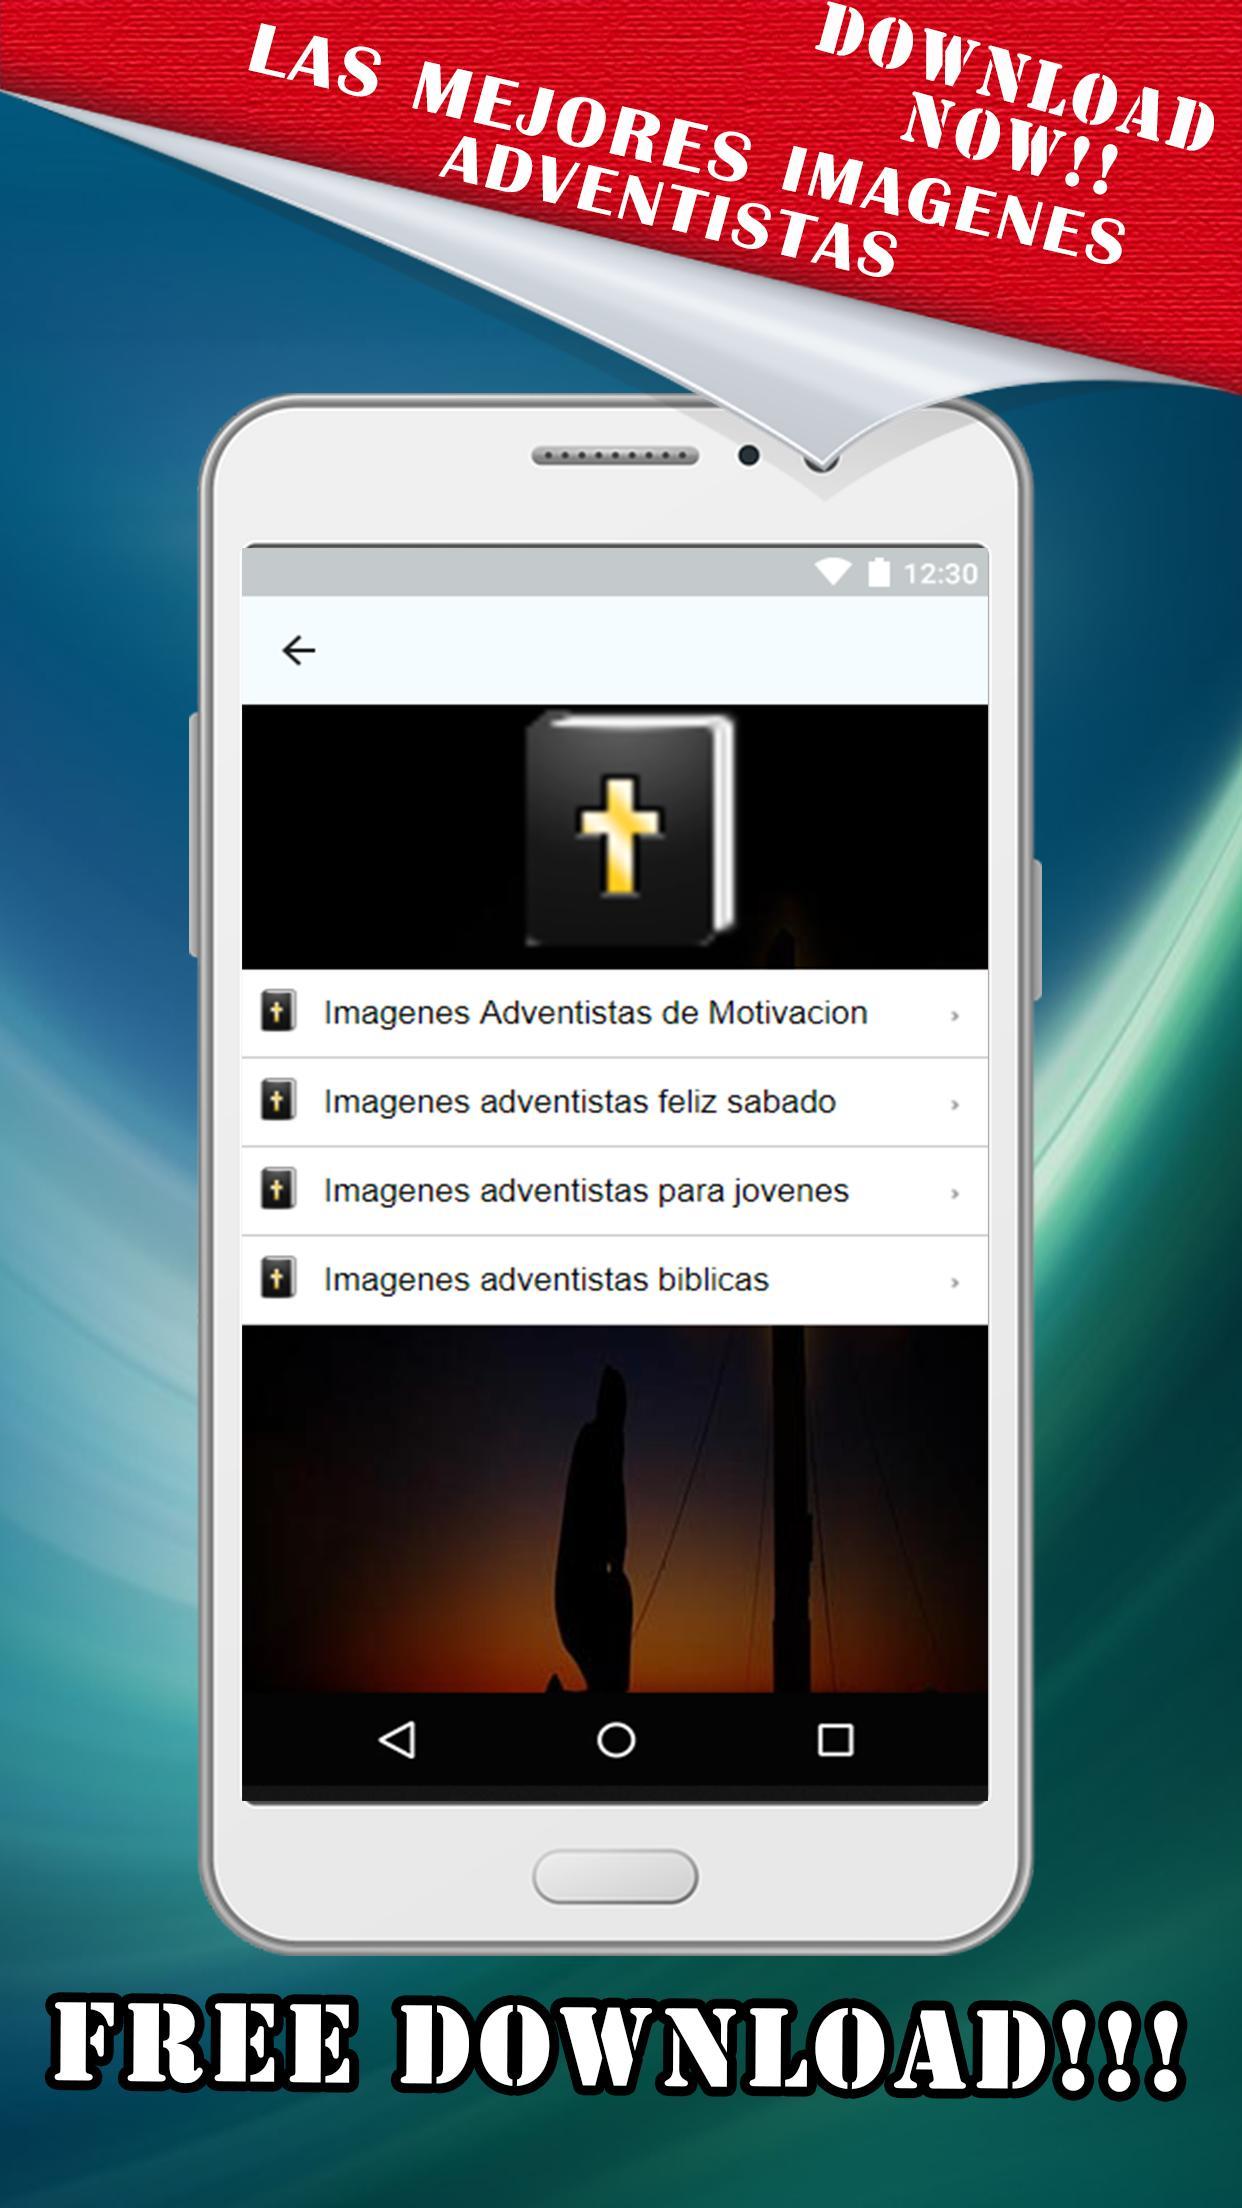 Imagenes Adventistas Feliz Sabado Adventista Für Android